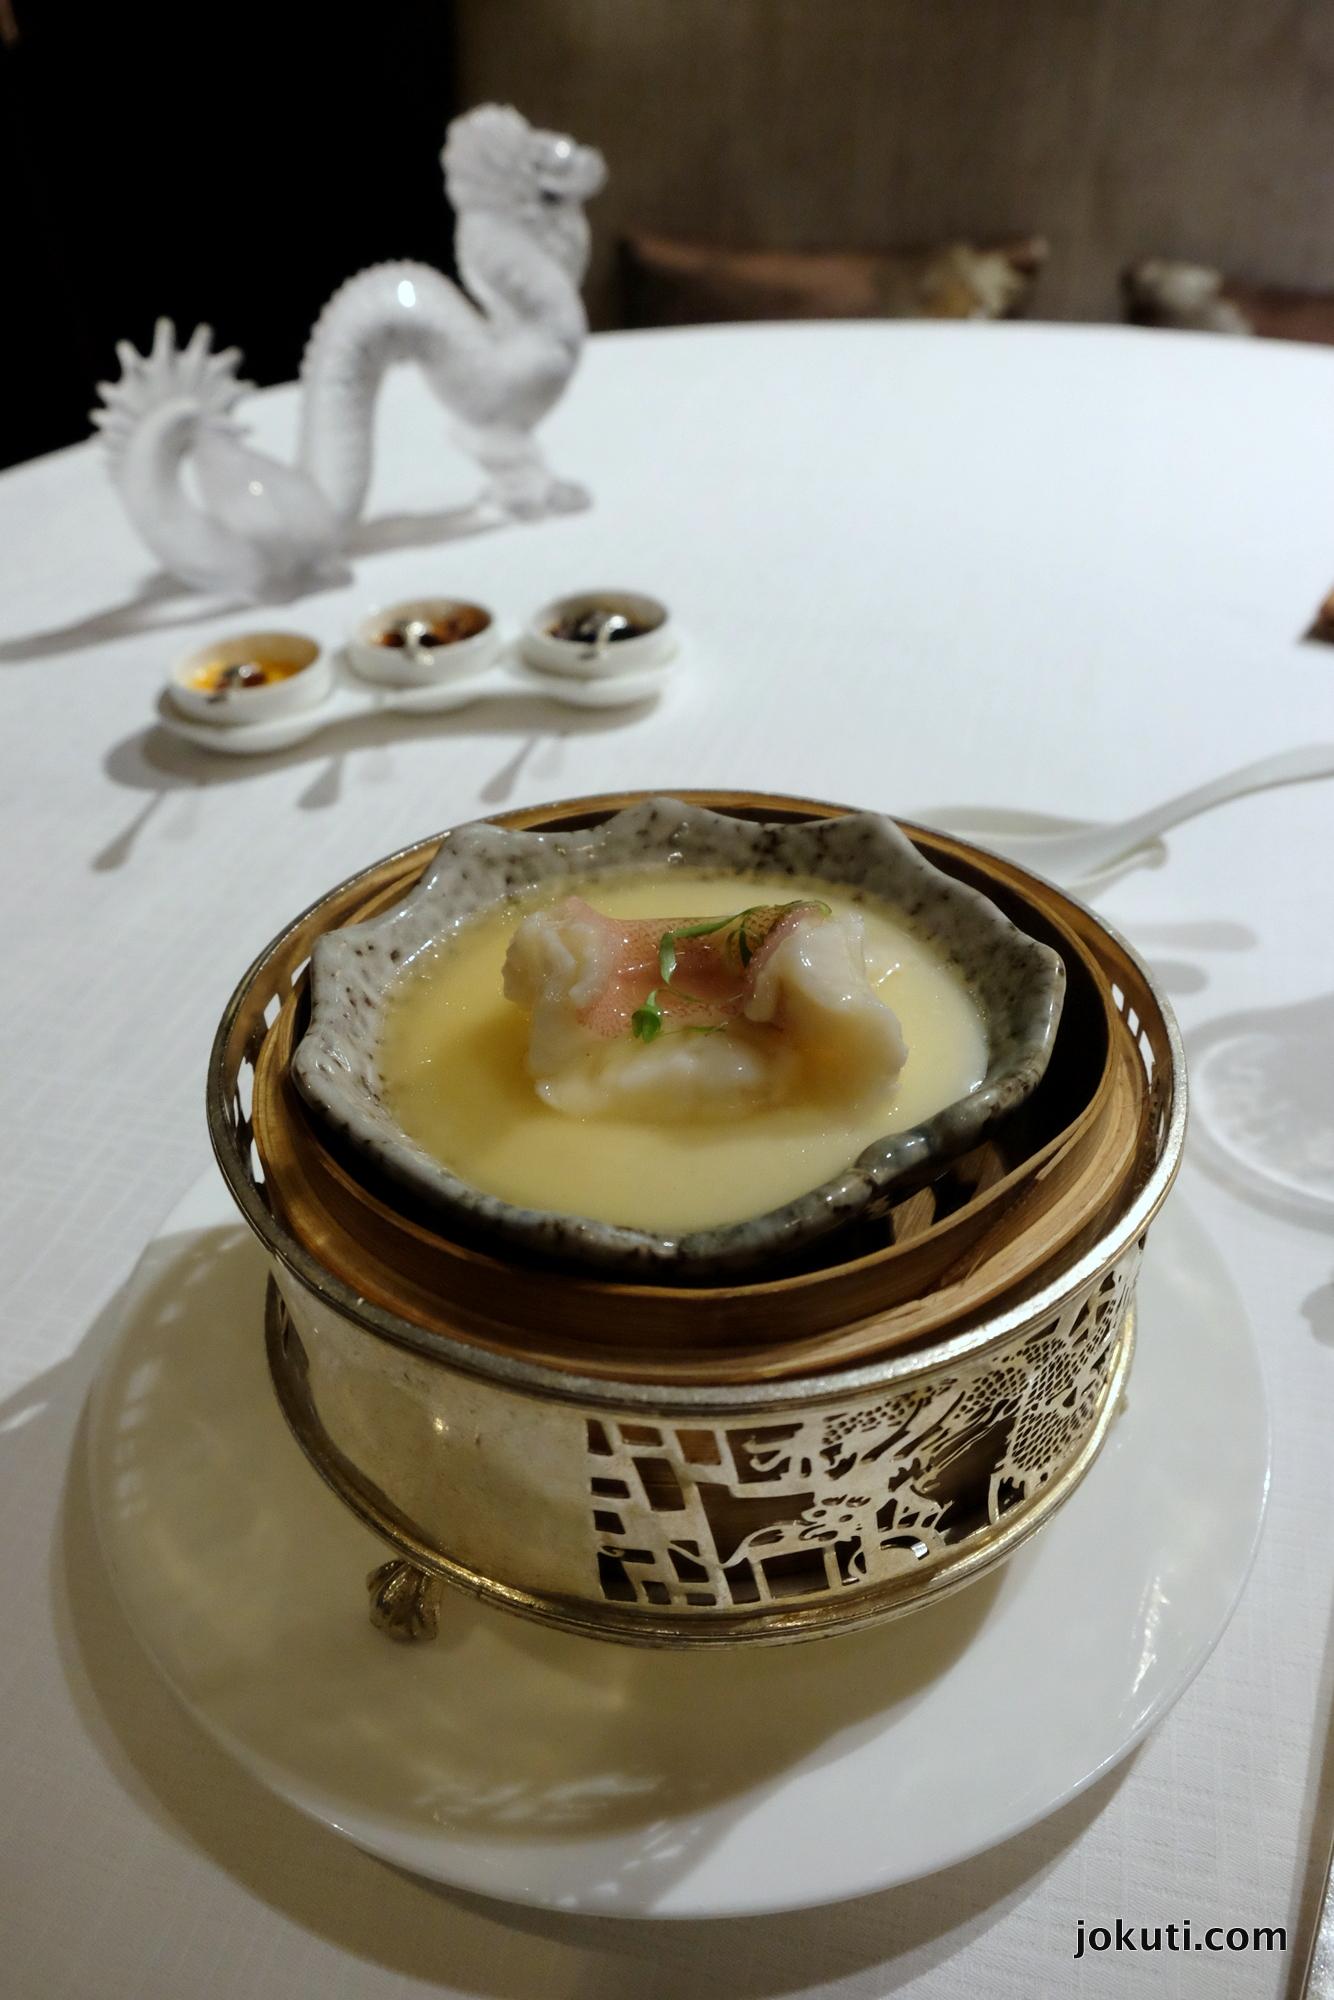 dscf6879_jade_dragon_restaurant_cantonese_chinese_michelin_macau_makao_china_kinai_vilagevo_jokuti.jpg